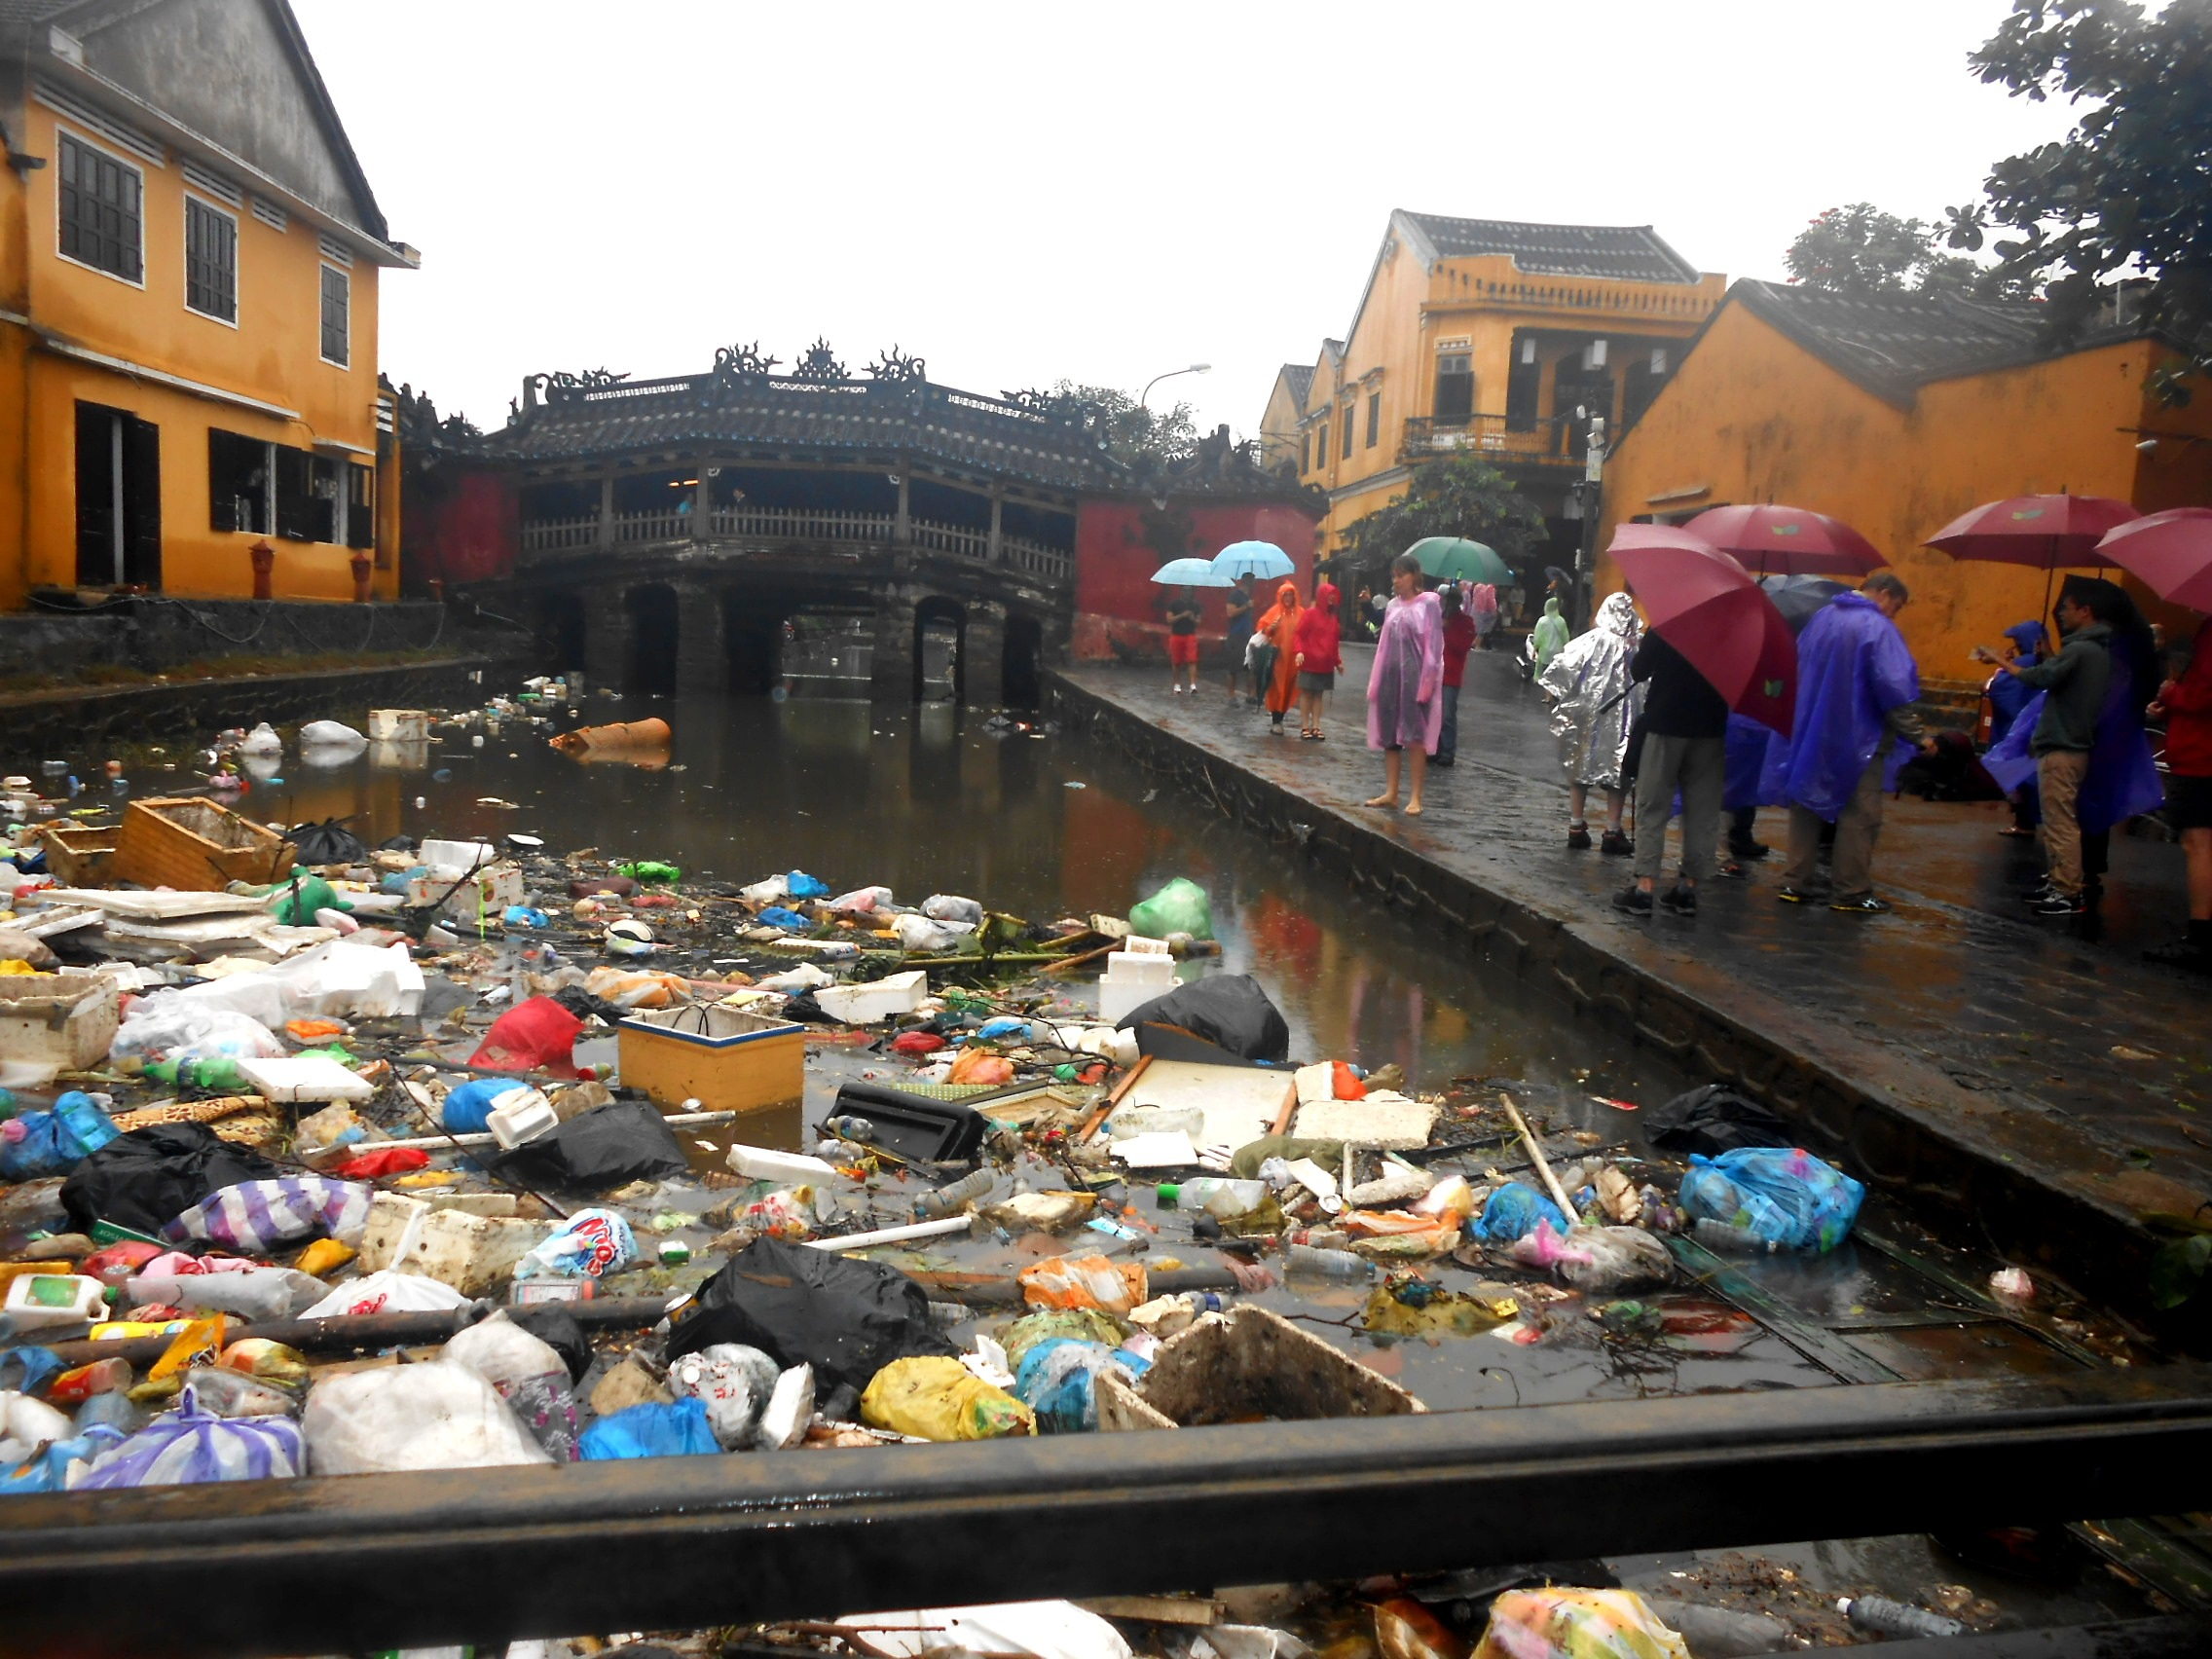 Du khách rất ngạc nhiên về lượng rác quá lớn tại chân chùa Cầu